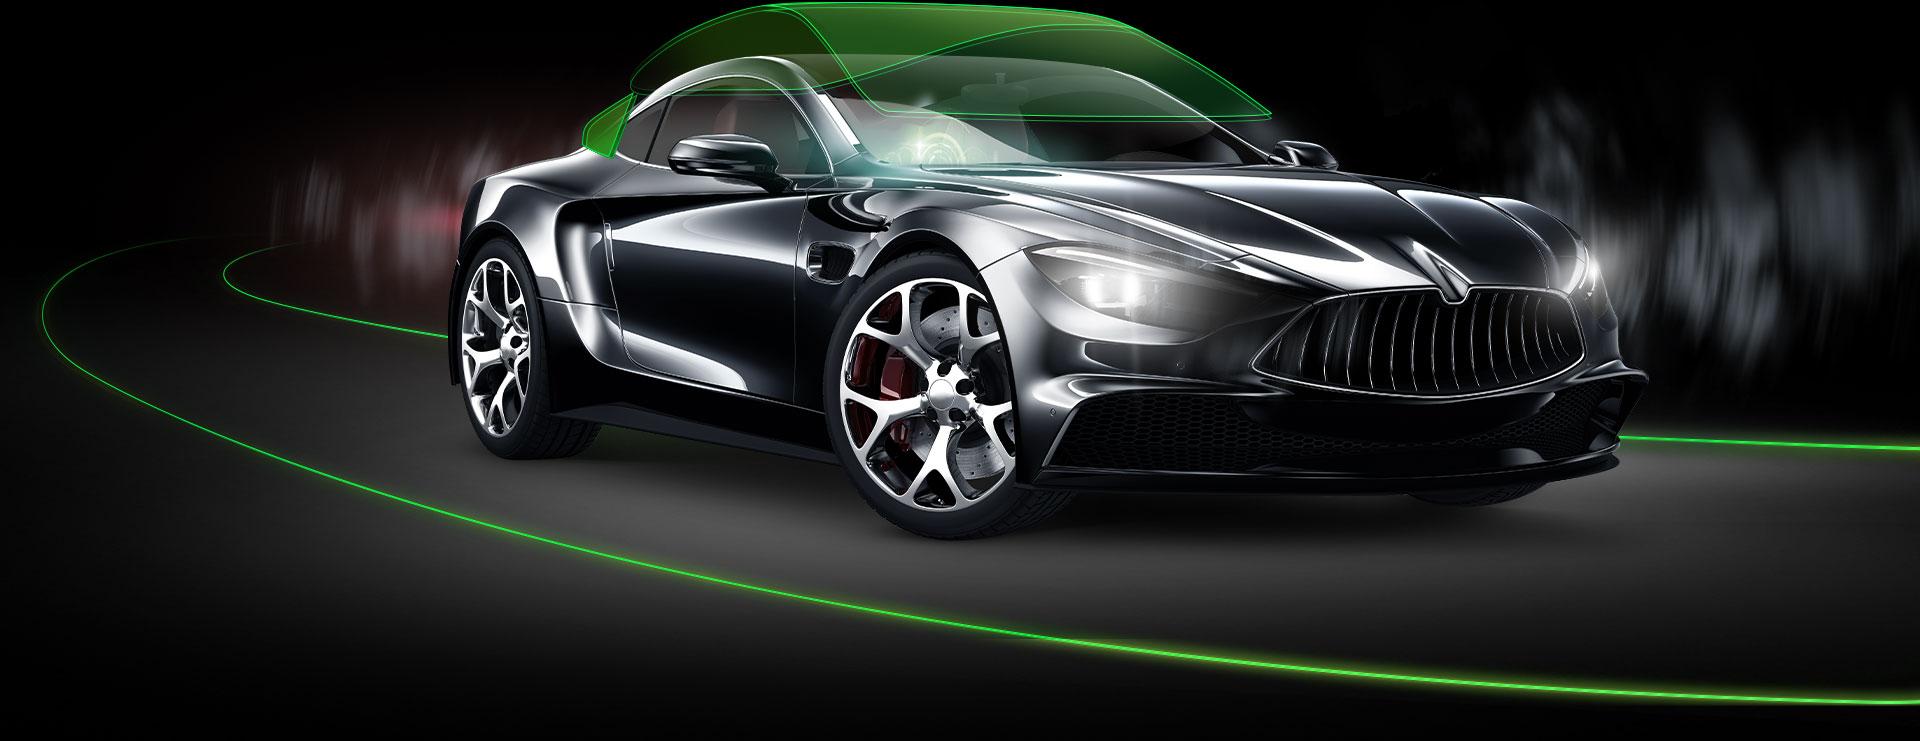 iGlass Car Glass Technology